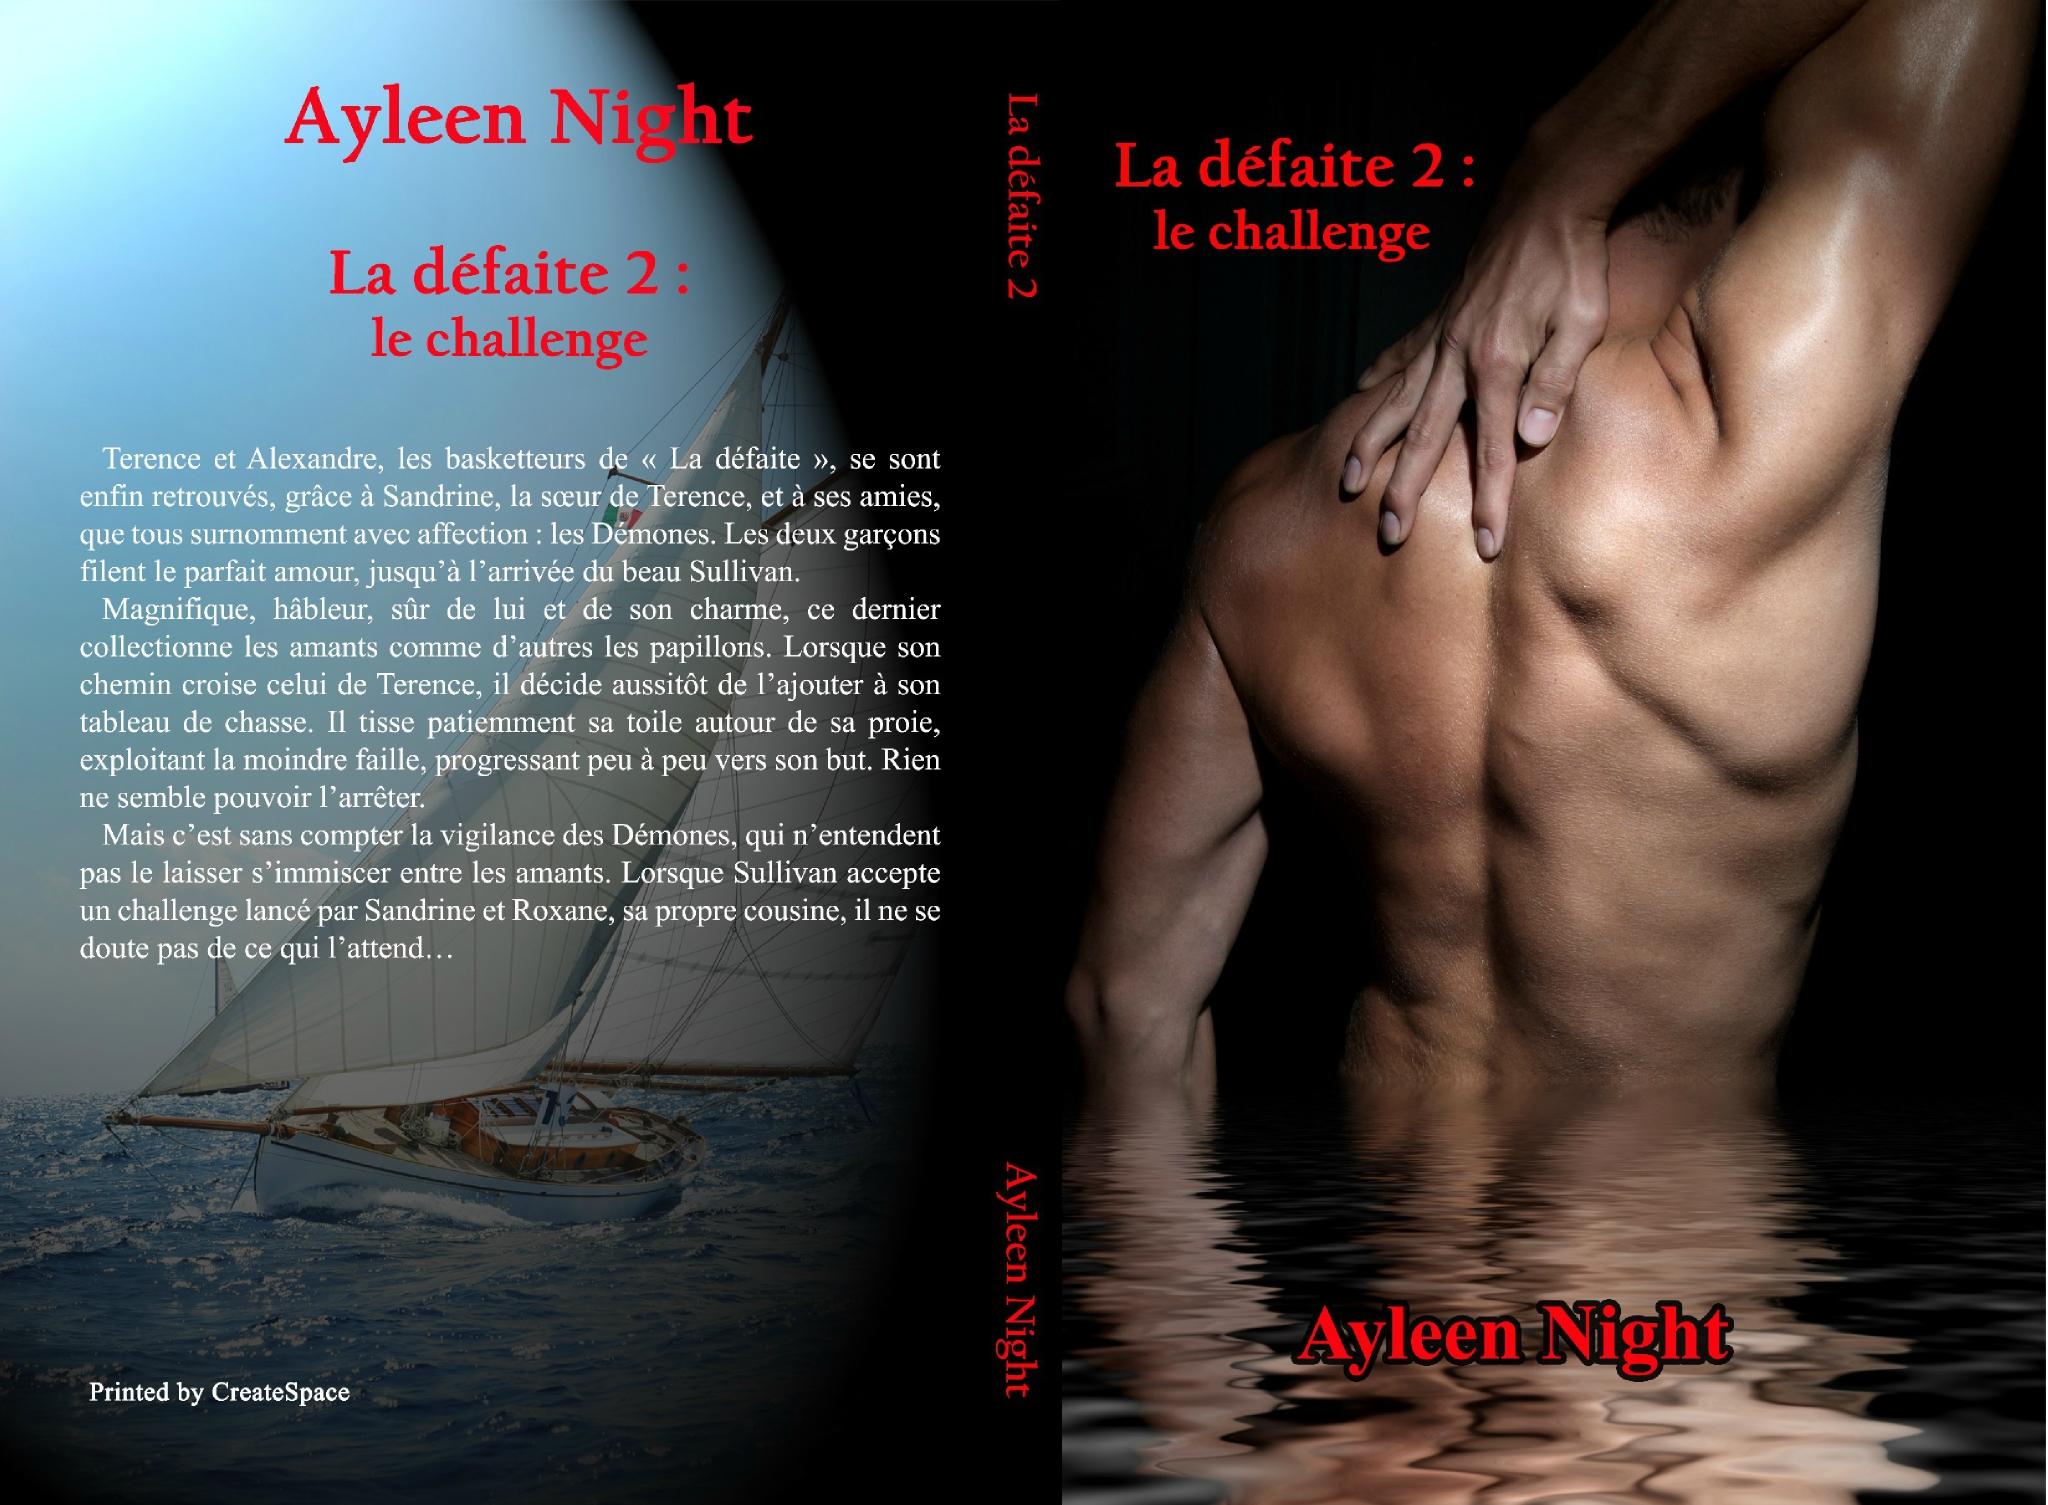 La défaite 2 : le challenge (Ayleen Night)